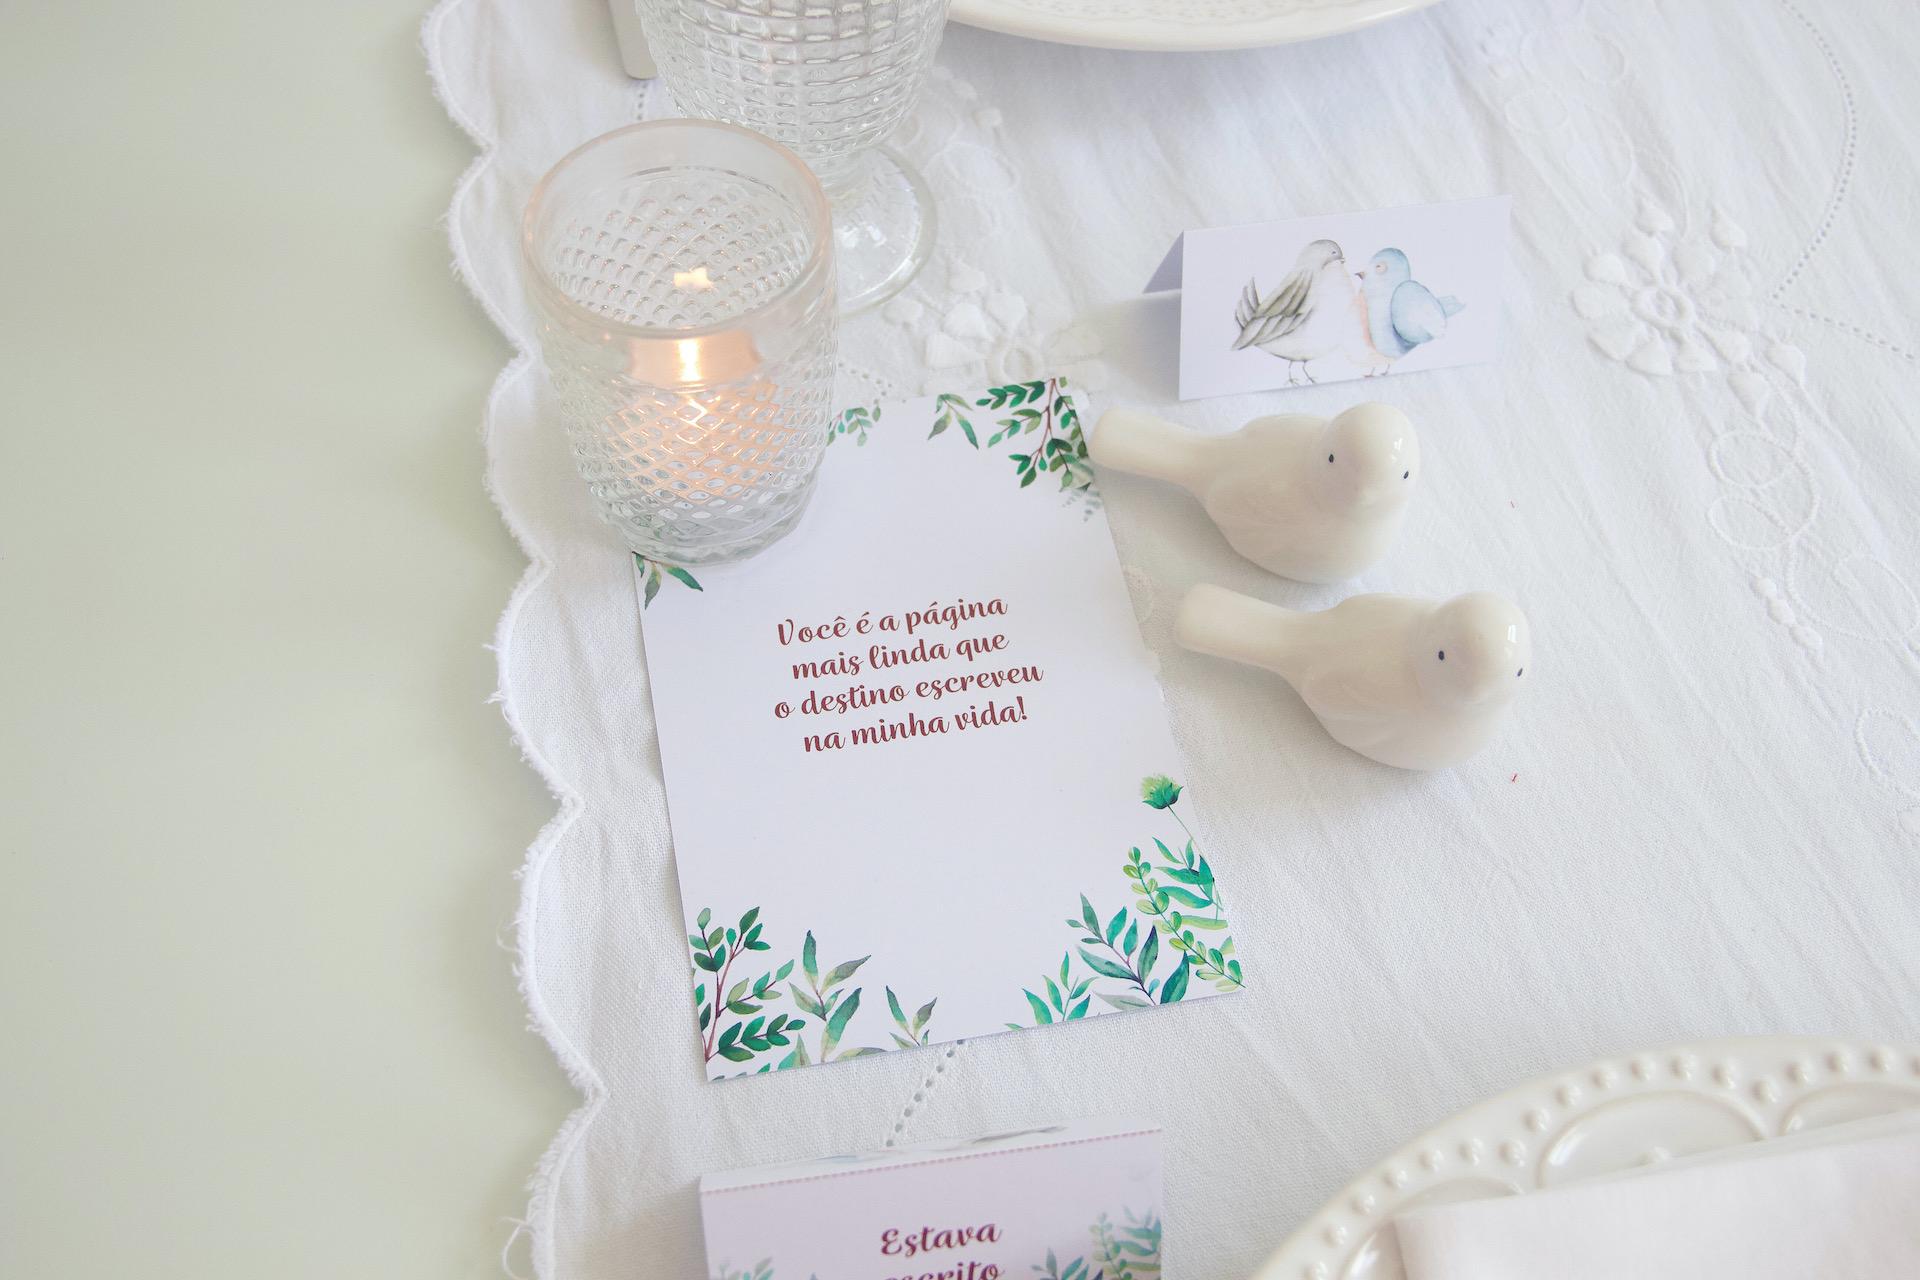 bodas de papel mensagem romântica